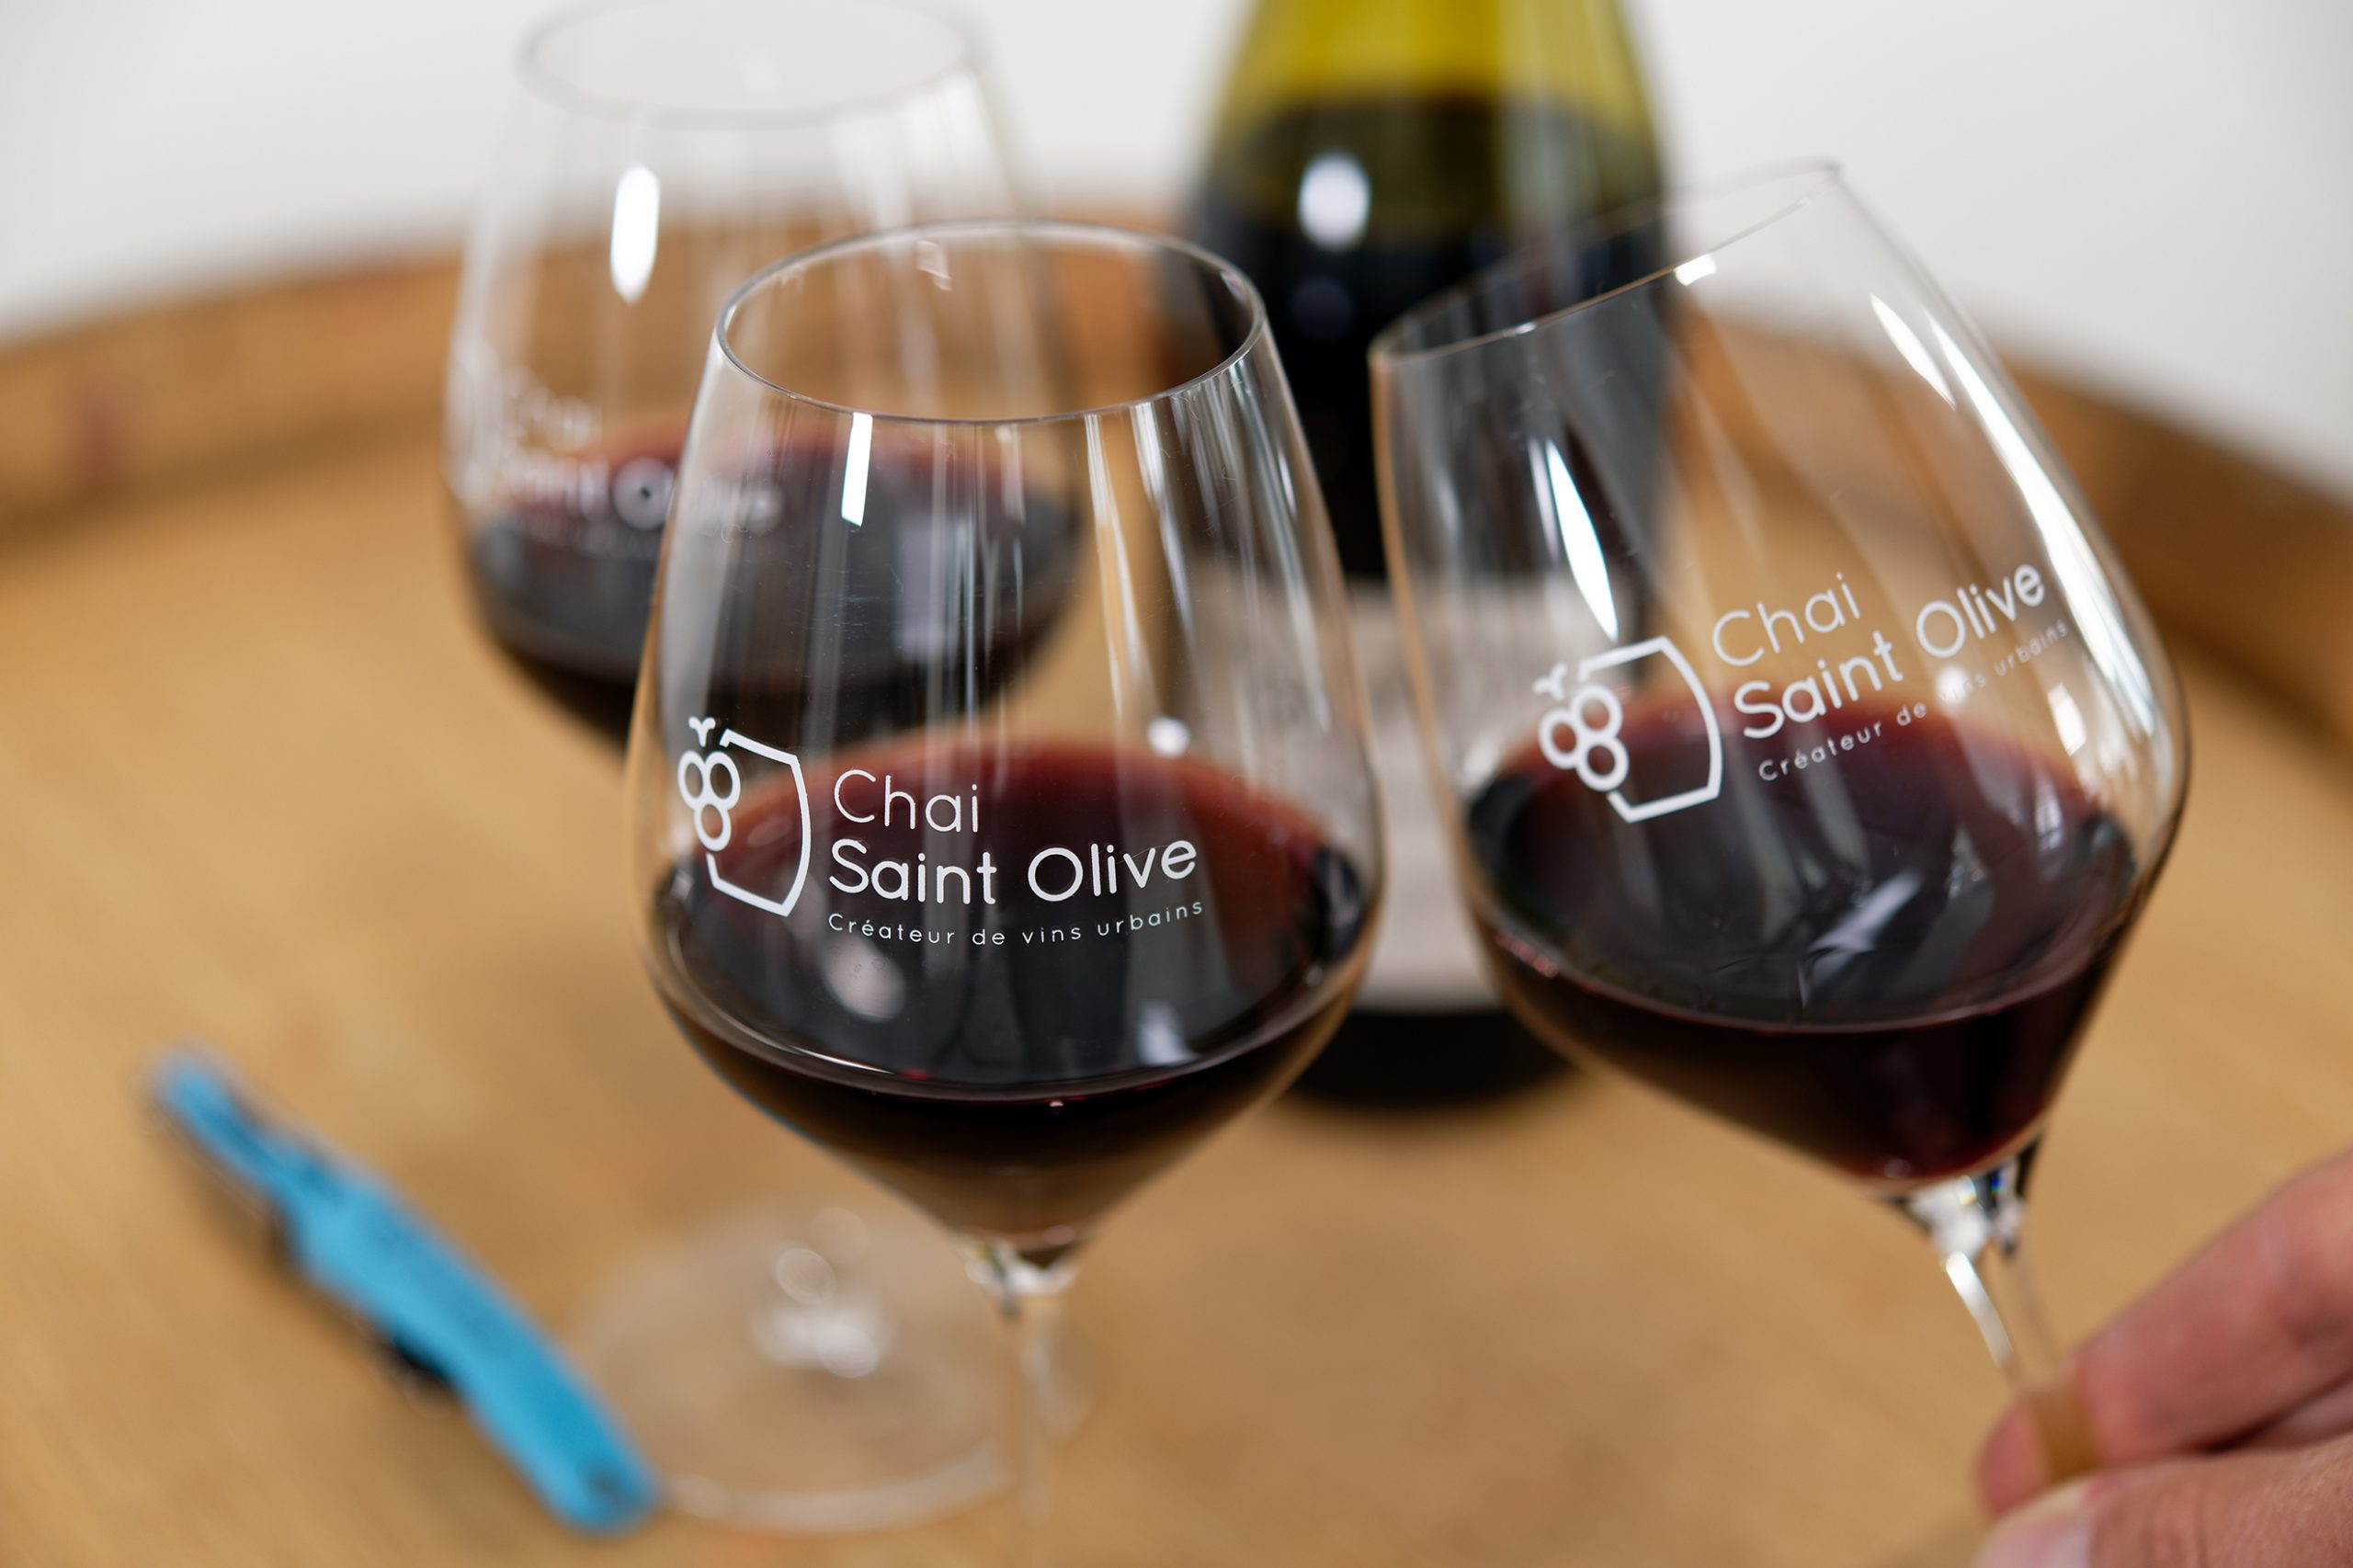 Verres de vin Chai Saint Olive